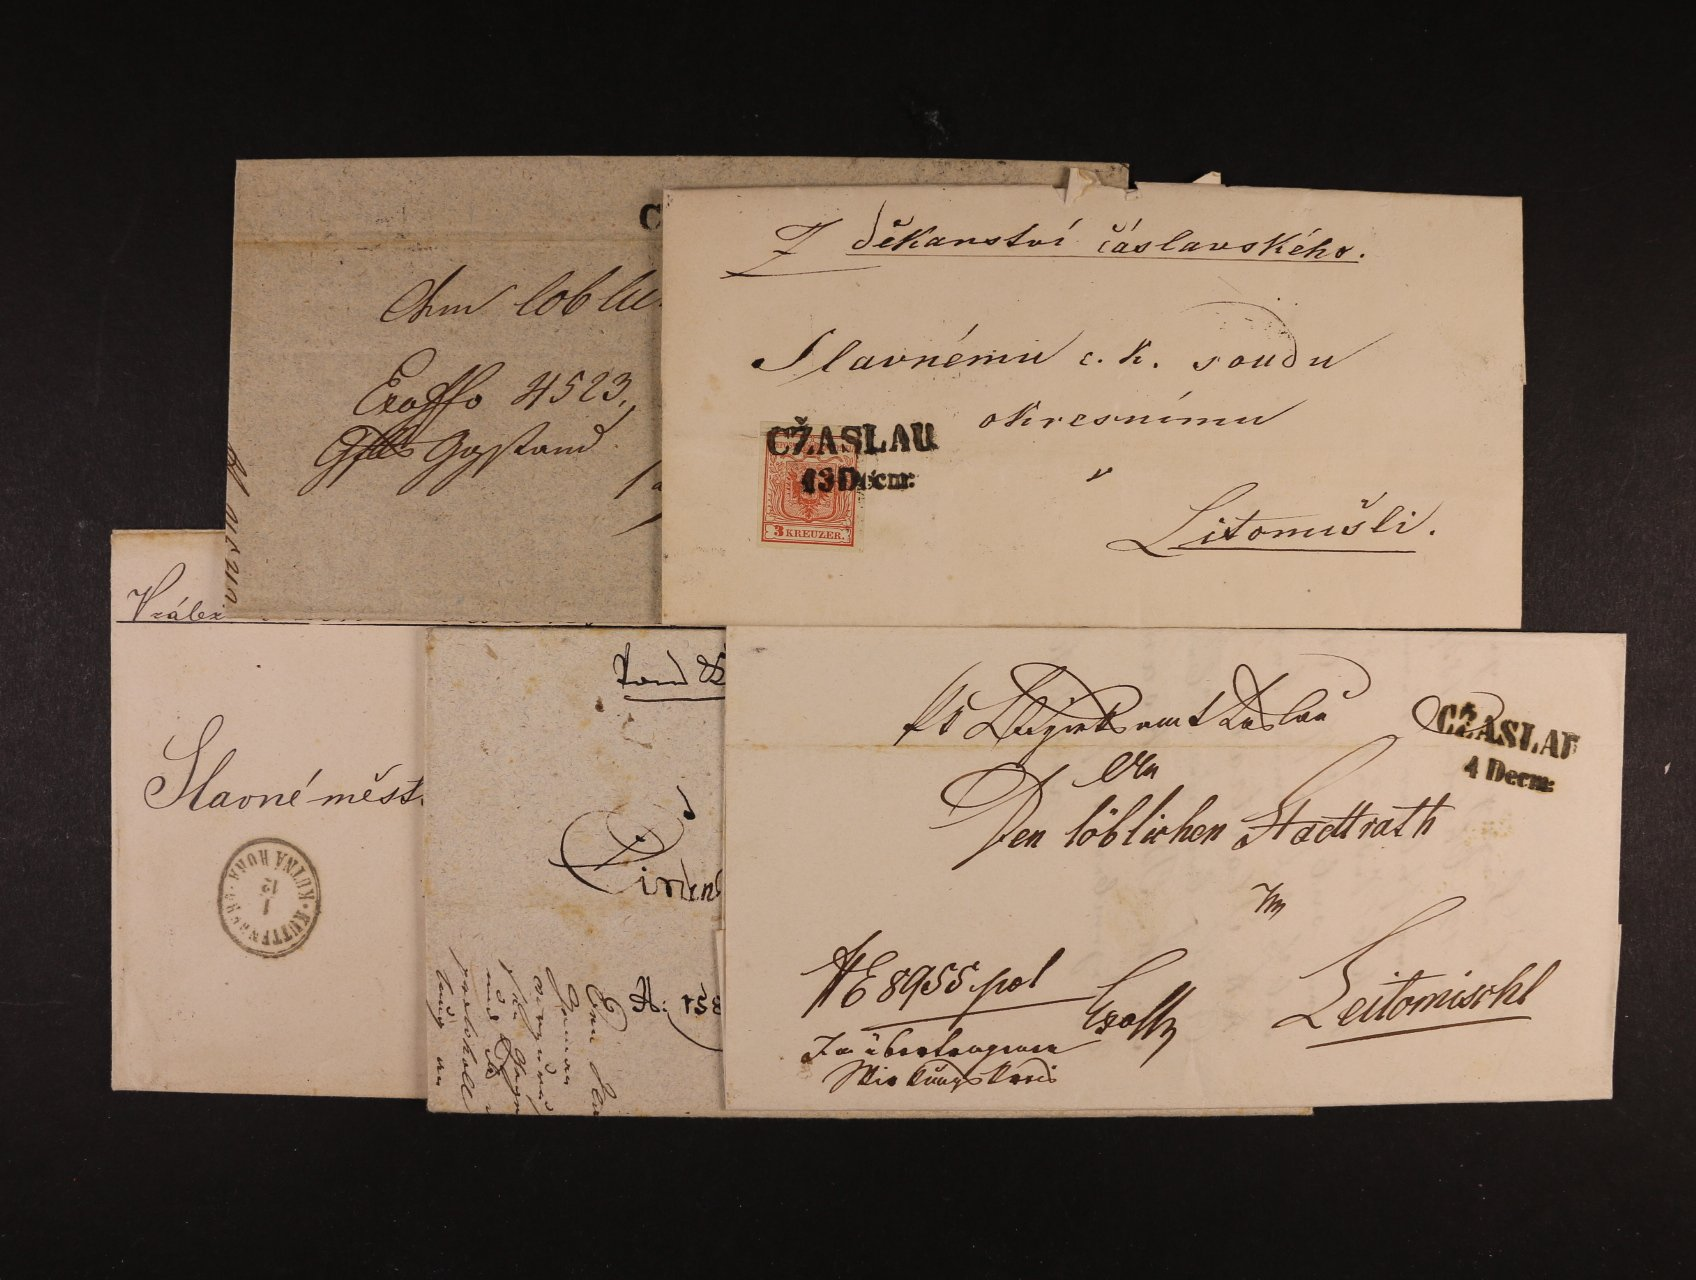 sestava 4 ks předzn. dopisů s raz. CŽASLAU, KÖENIGRATZ, KUTTENBERG a skl. dopis z r. 1850 frank. zn. Fe. č. 3, typ Ia, s řádk. pod. raz. CŽASLAU